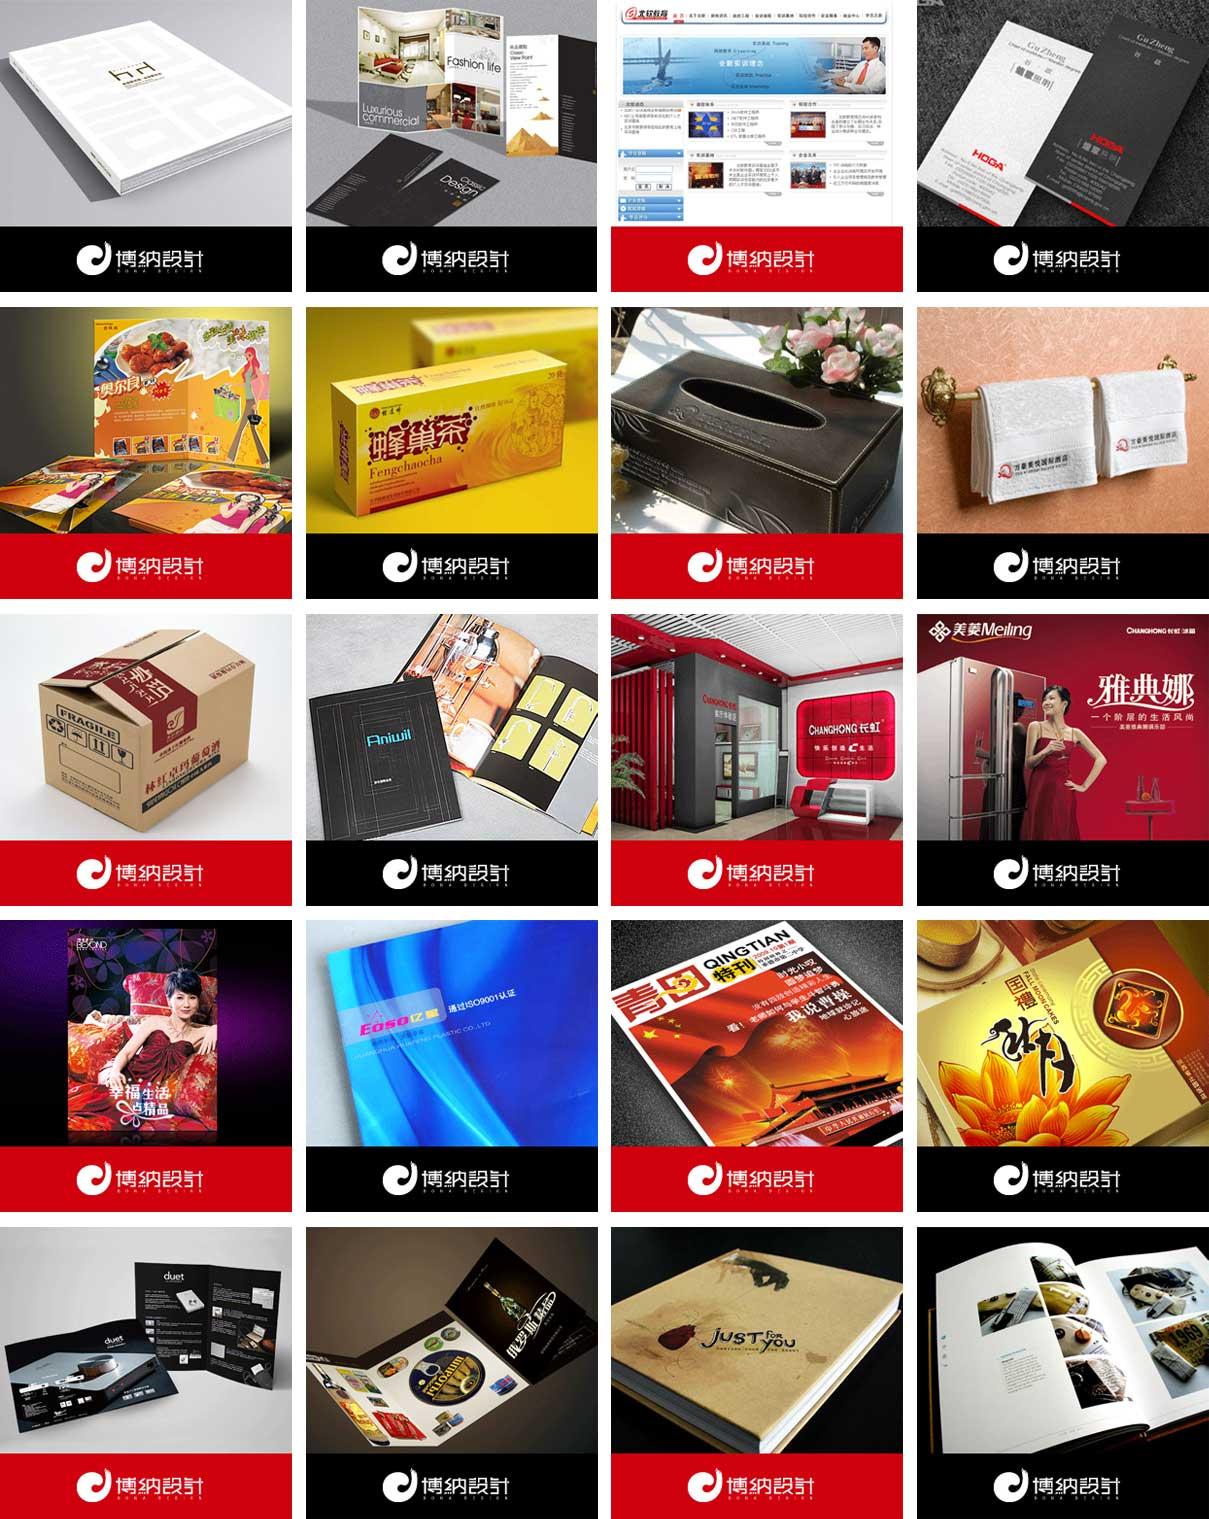 杂志封面设计    杂志内文排版设计  展览展示  展会设计    展厅